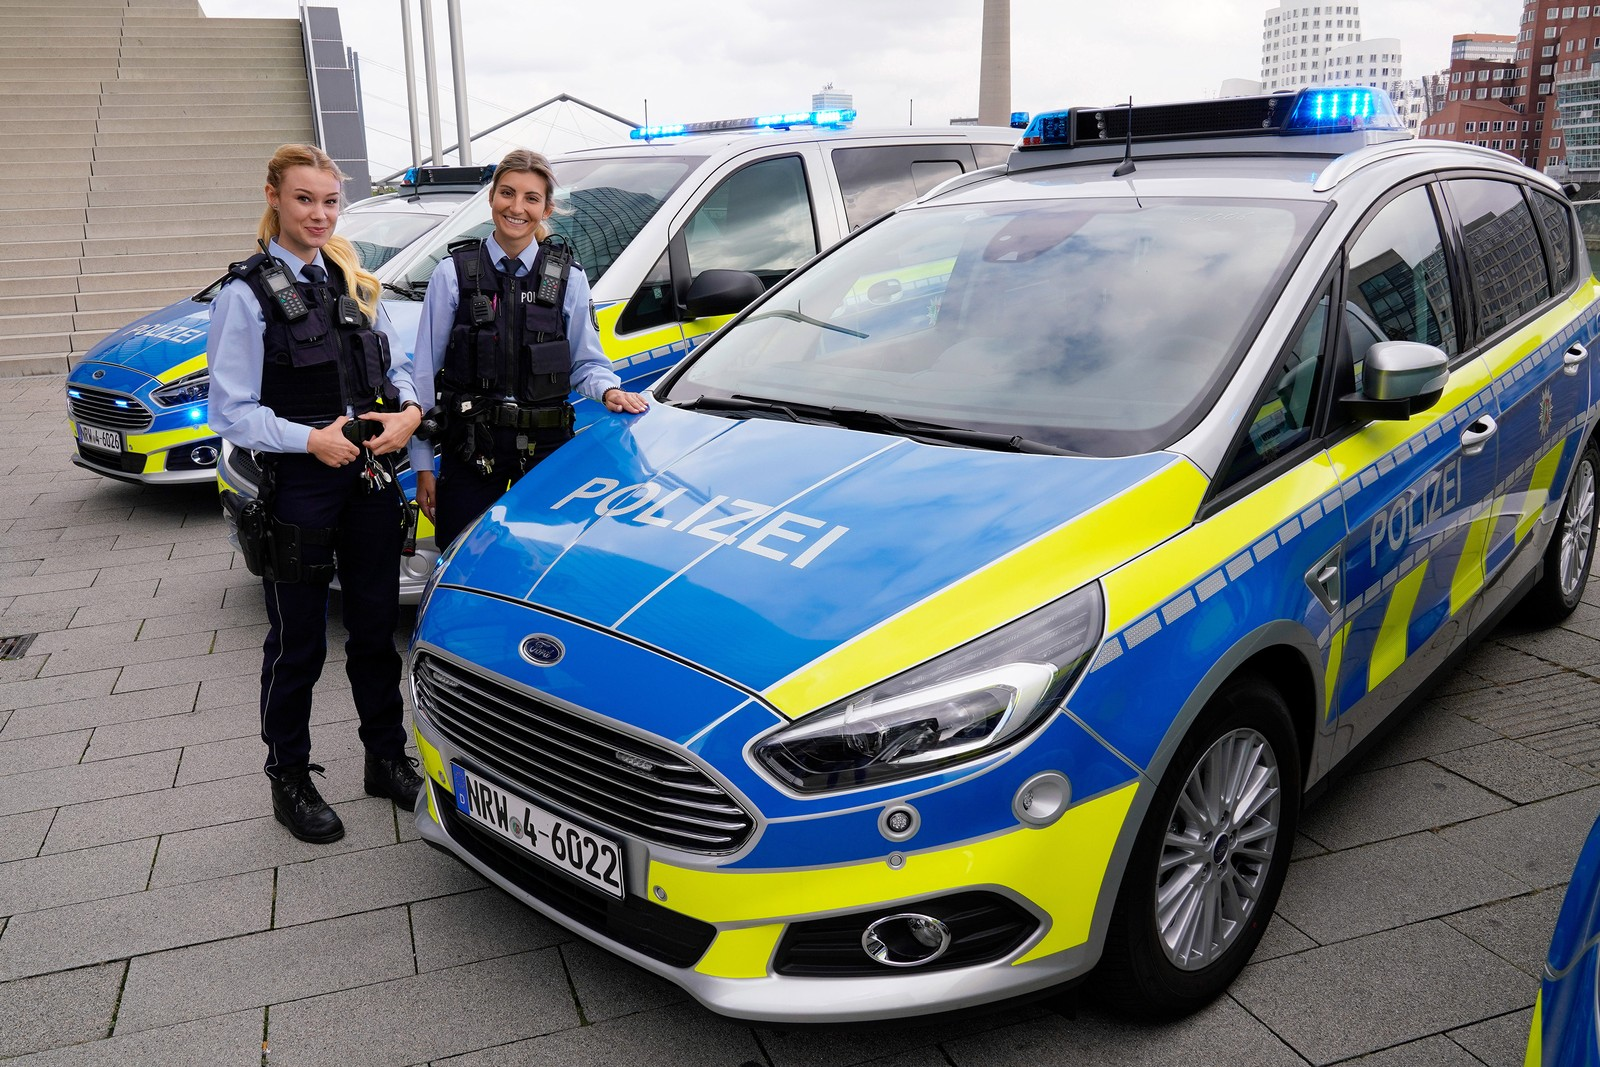 Polizei Gmbh